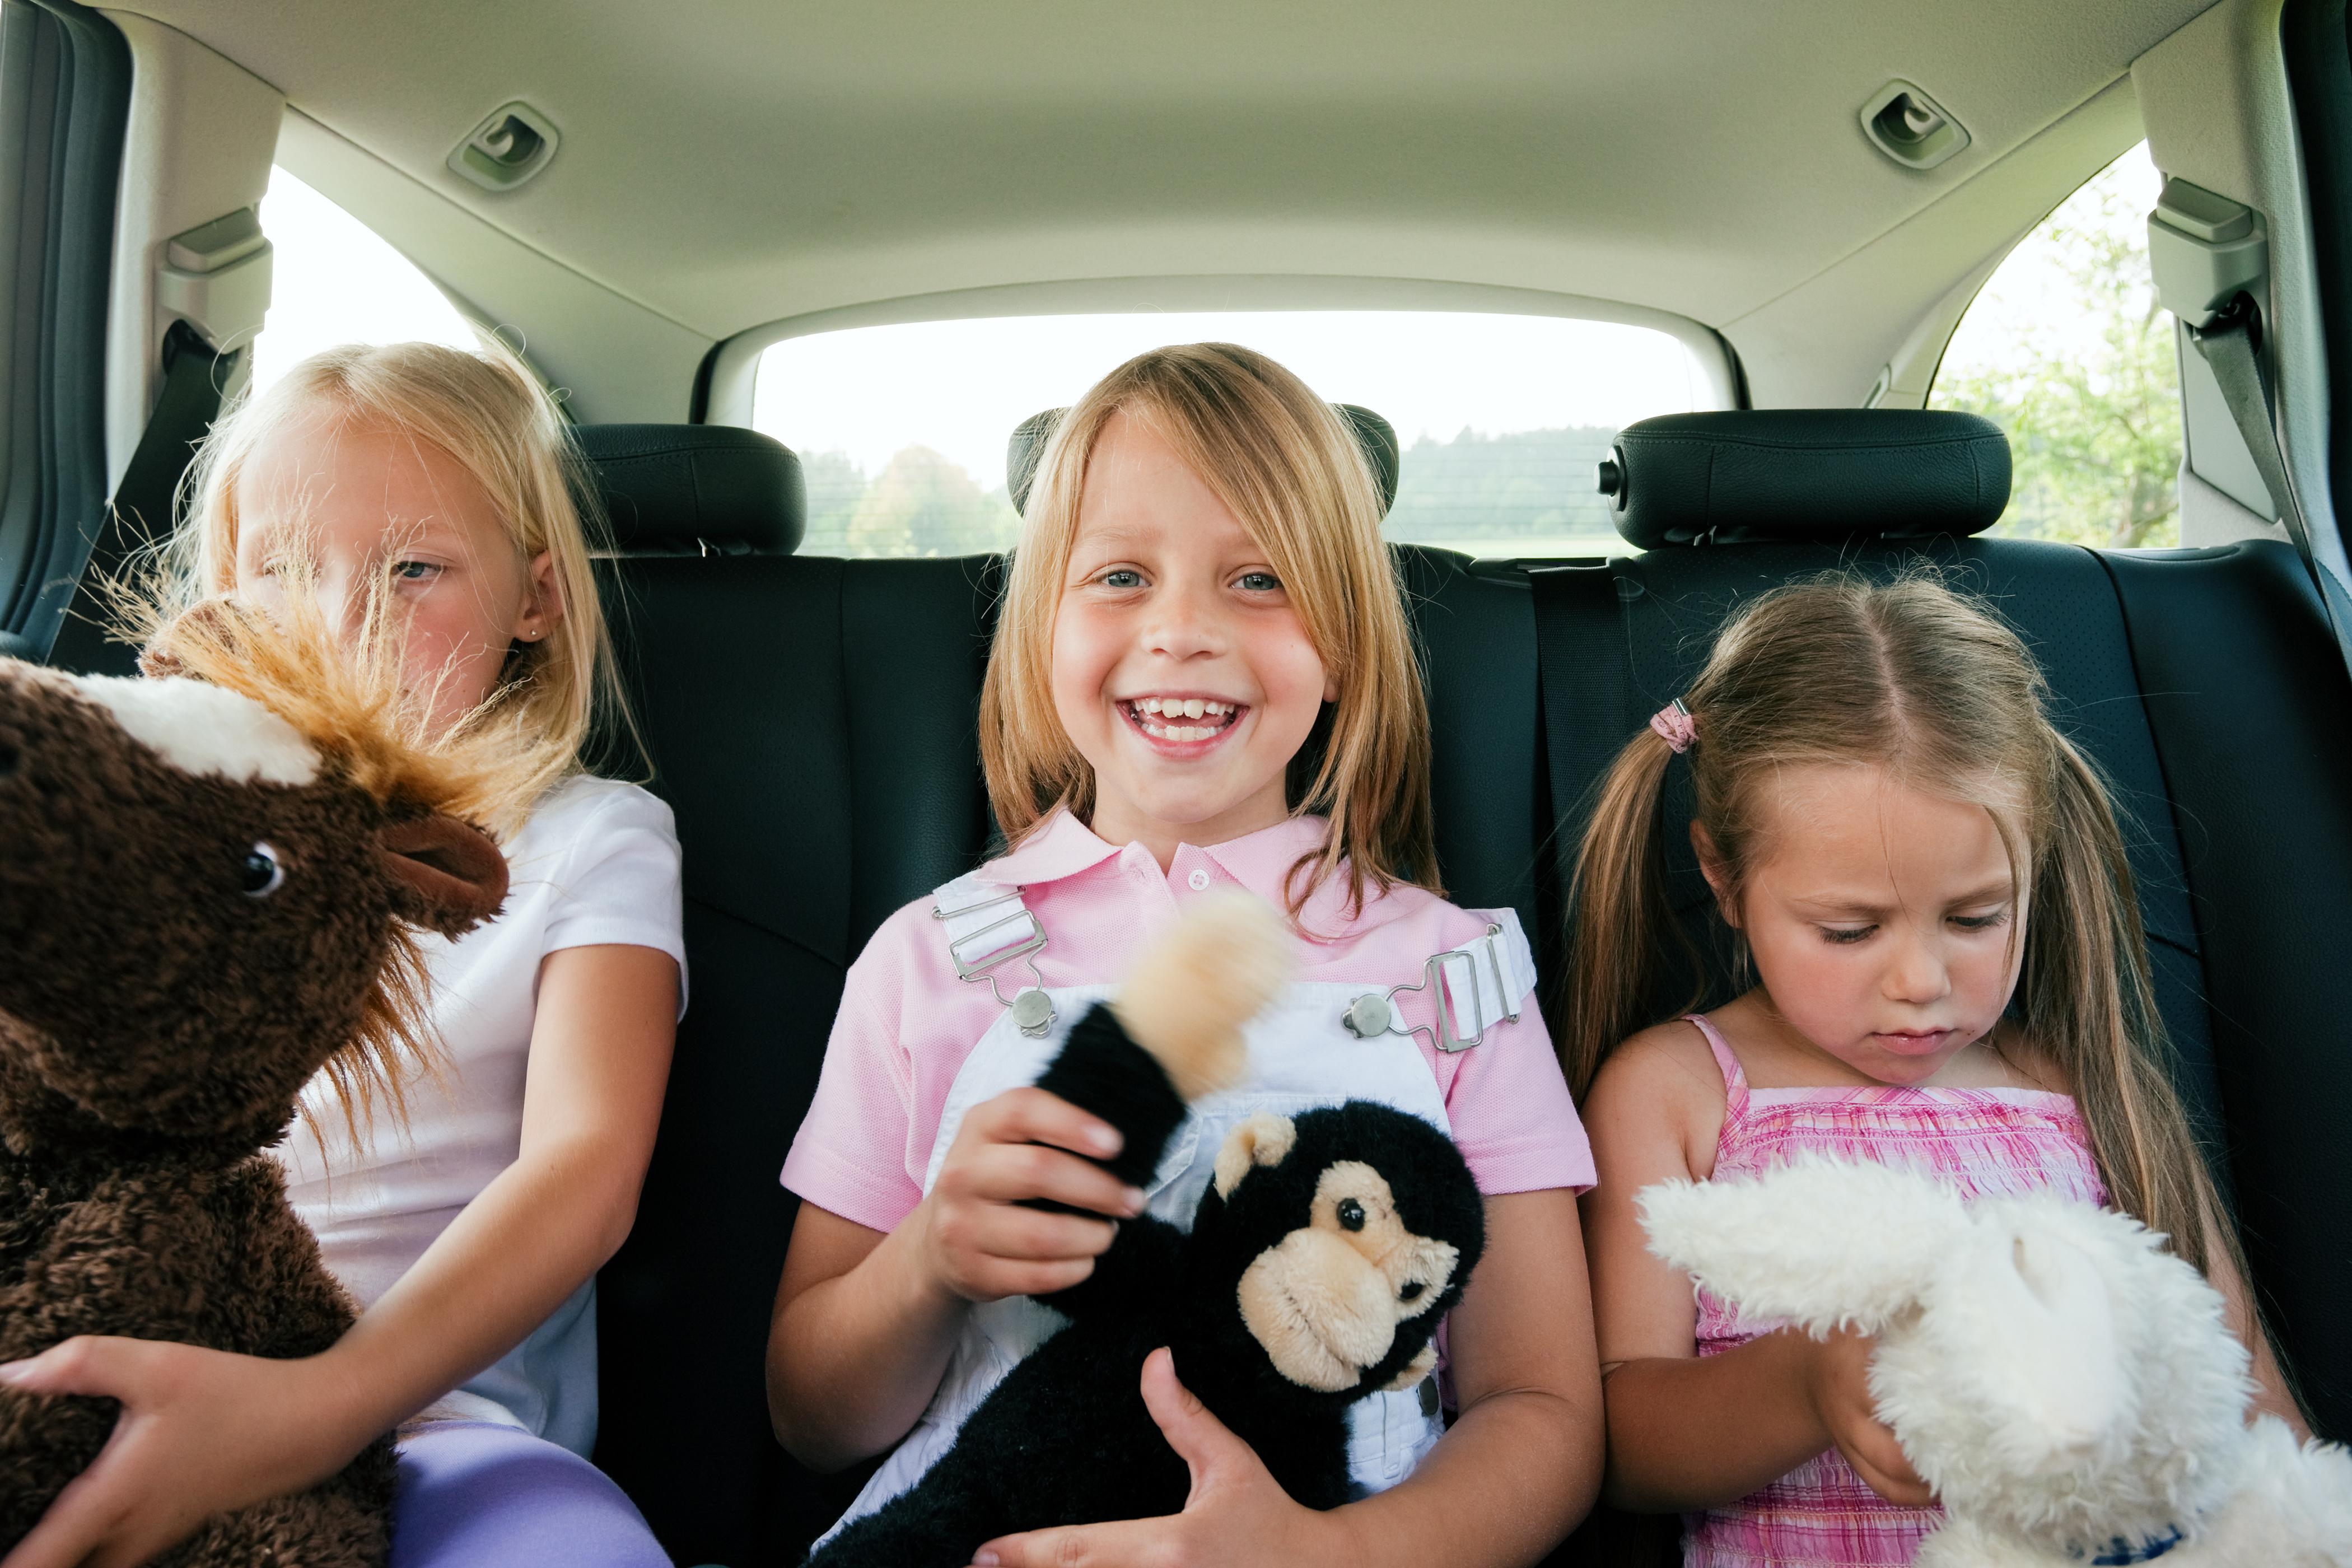 En voiture au quotidien avec des enfants